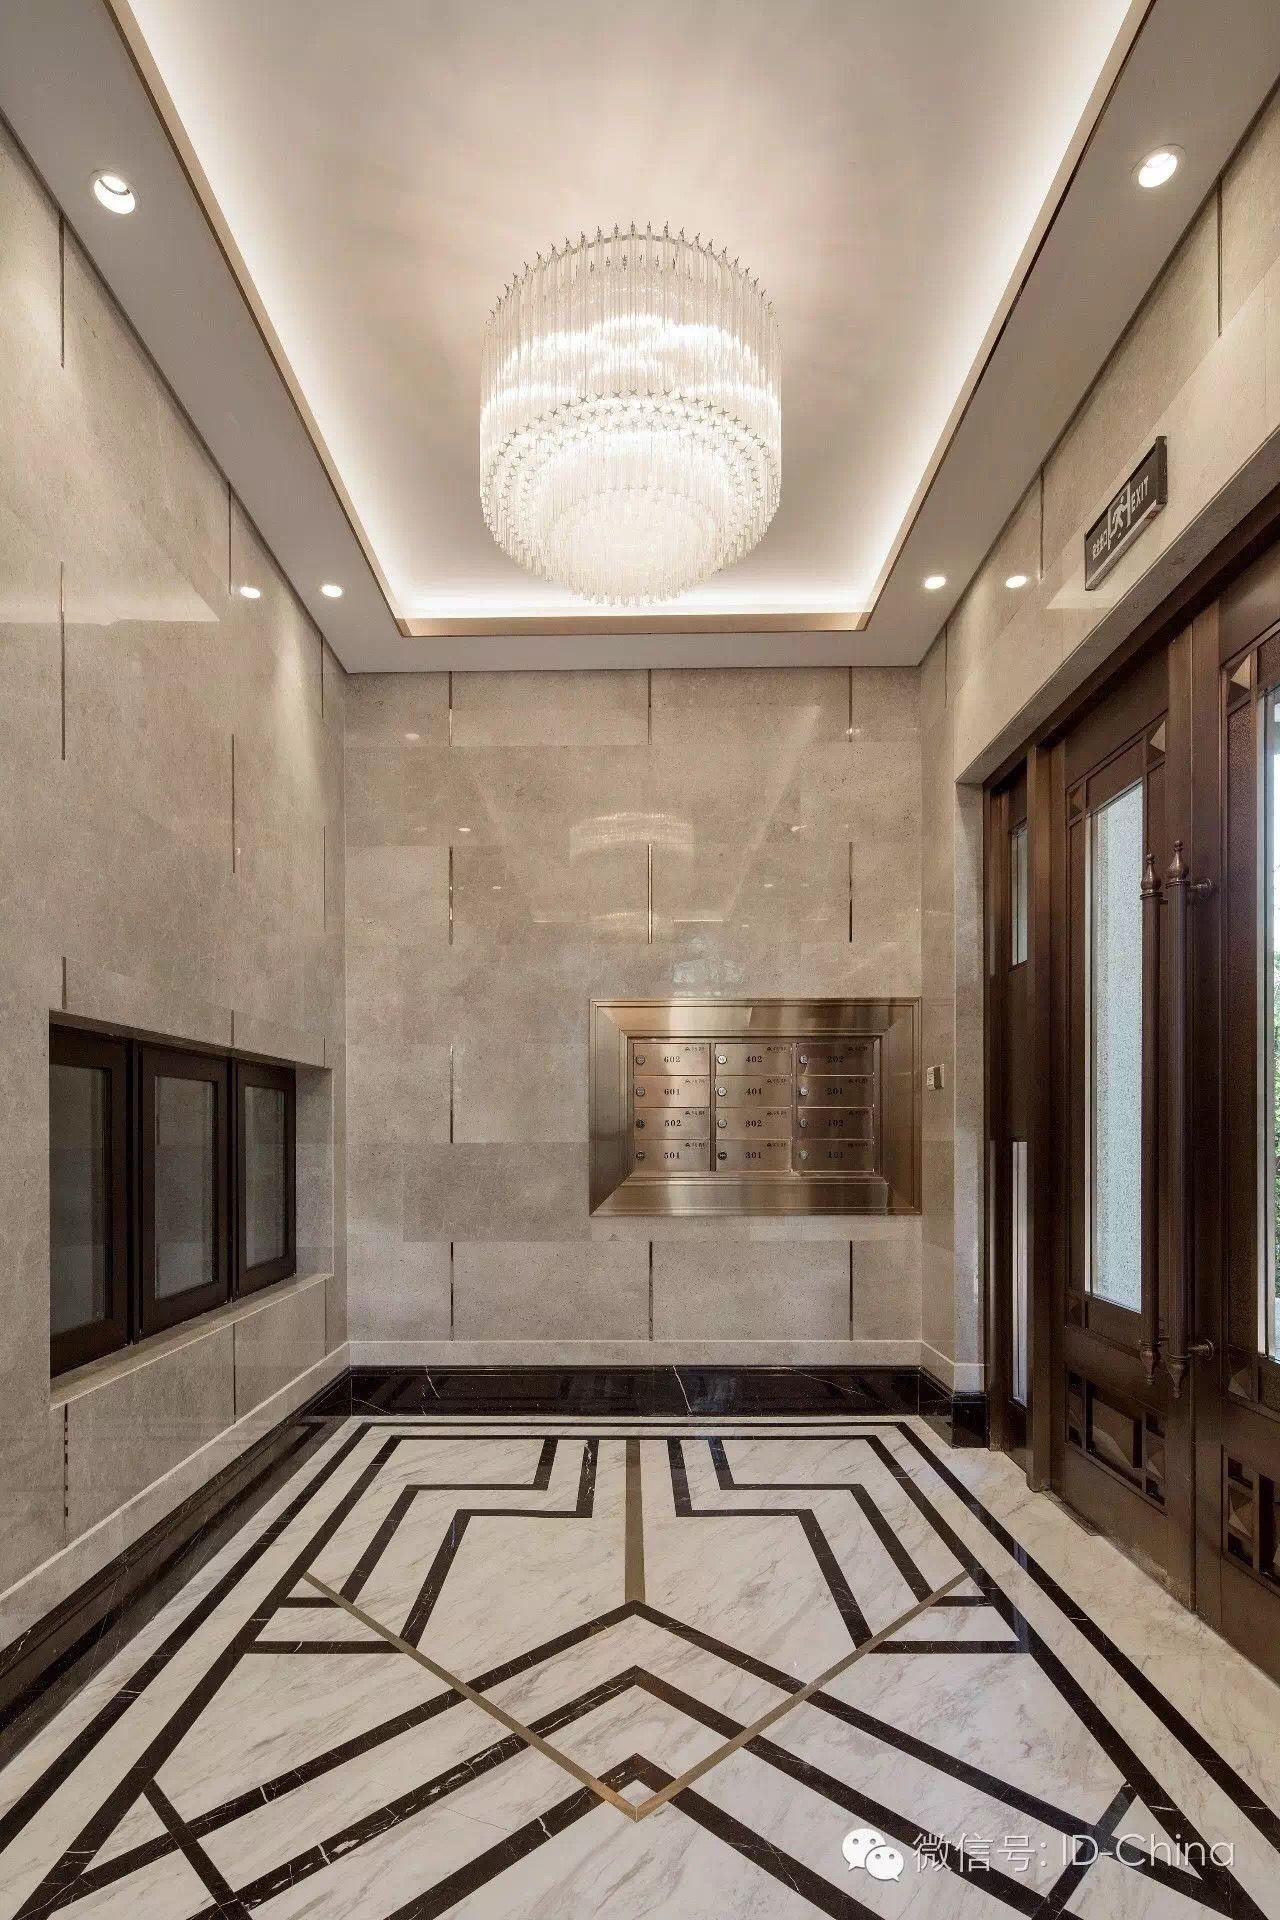 Exquisite retro lift lobby Exquisite retro lift